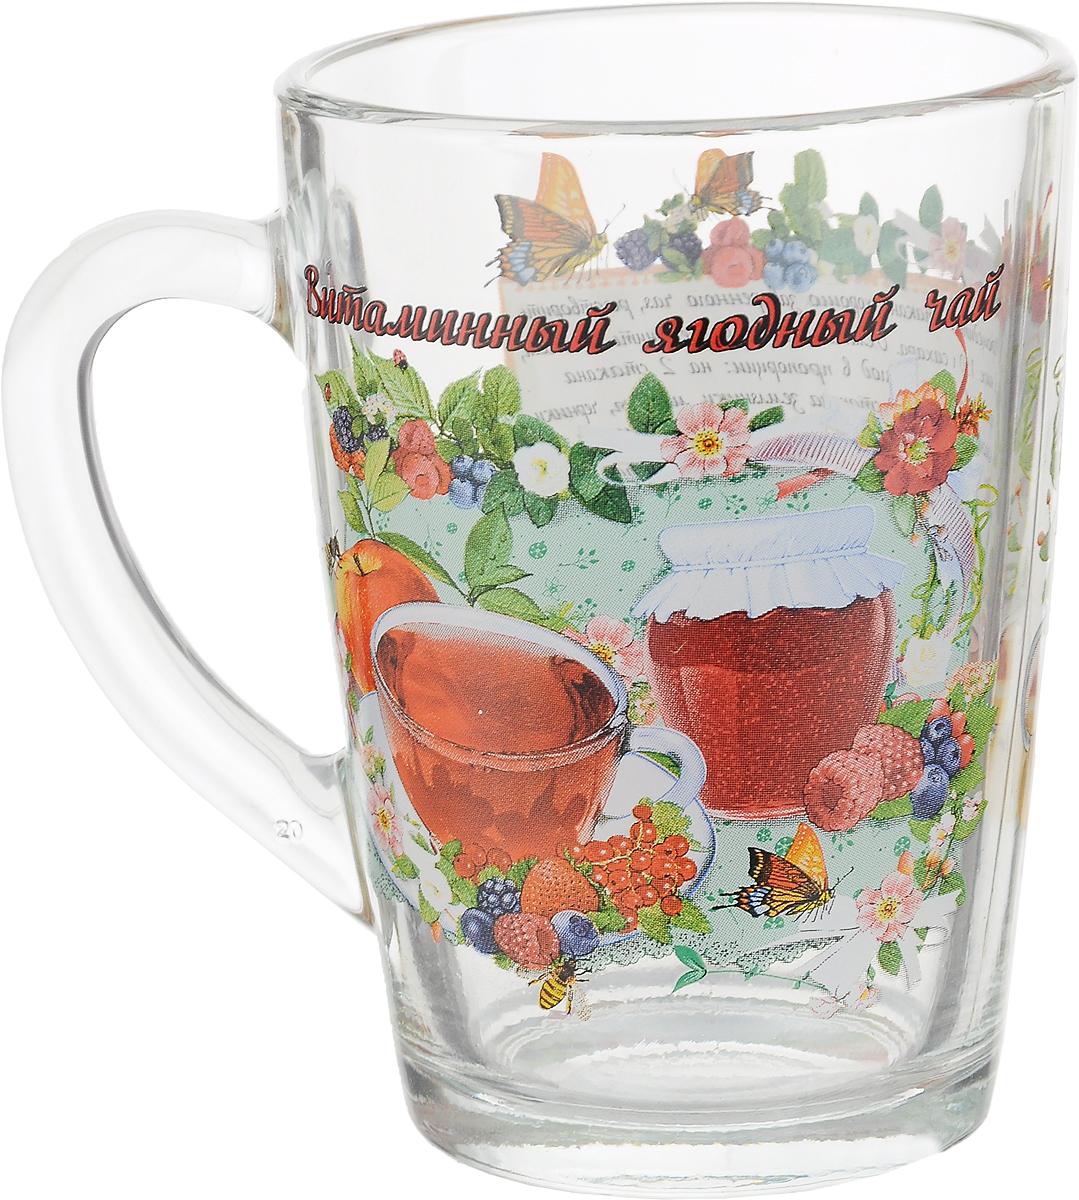 Кружка чайная Квестор Каппучино. Витаминный ягодный чай, 300 мл103-012Кружка чайная Квестор Каппучино. Витаминный ягодный чай изготовлена из бесцветного стекла и украшена ярким рисунком и рецептом приготовления витаминного ягодного чая. Идеально подходит для сервировки стола.Кружка не только украсит ваш кухонный стол, но подчеркнет прекрасный вкус хозяйки. Диаметр кружки (по верхнему краю): 8 см. Диаметр основания: 6 см. Ширина кружки с учетом ручки: 11 см. Высота кружки: 11 см.Объем кружки: 300 мл.